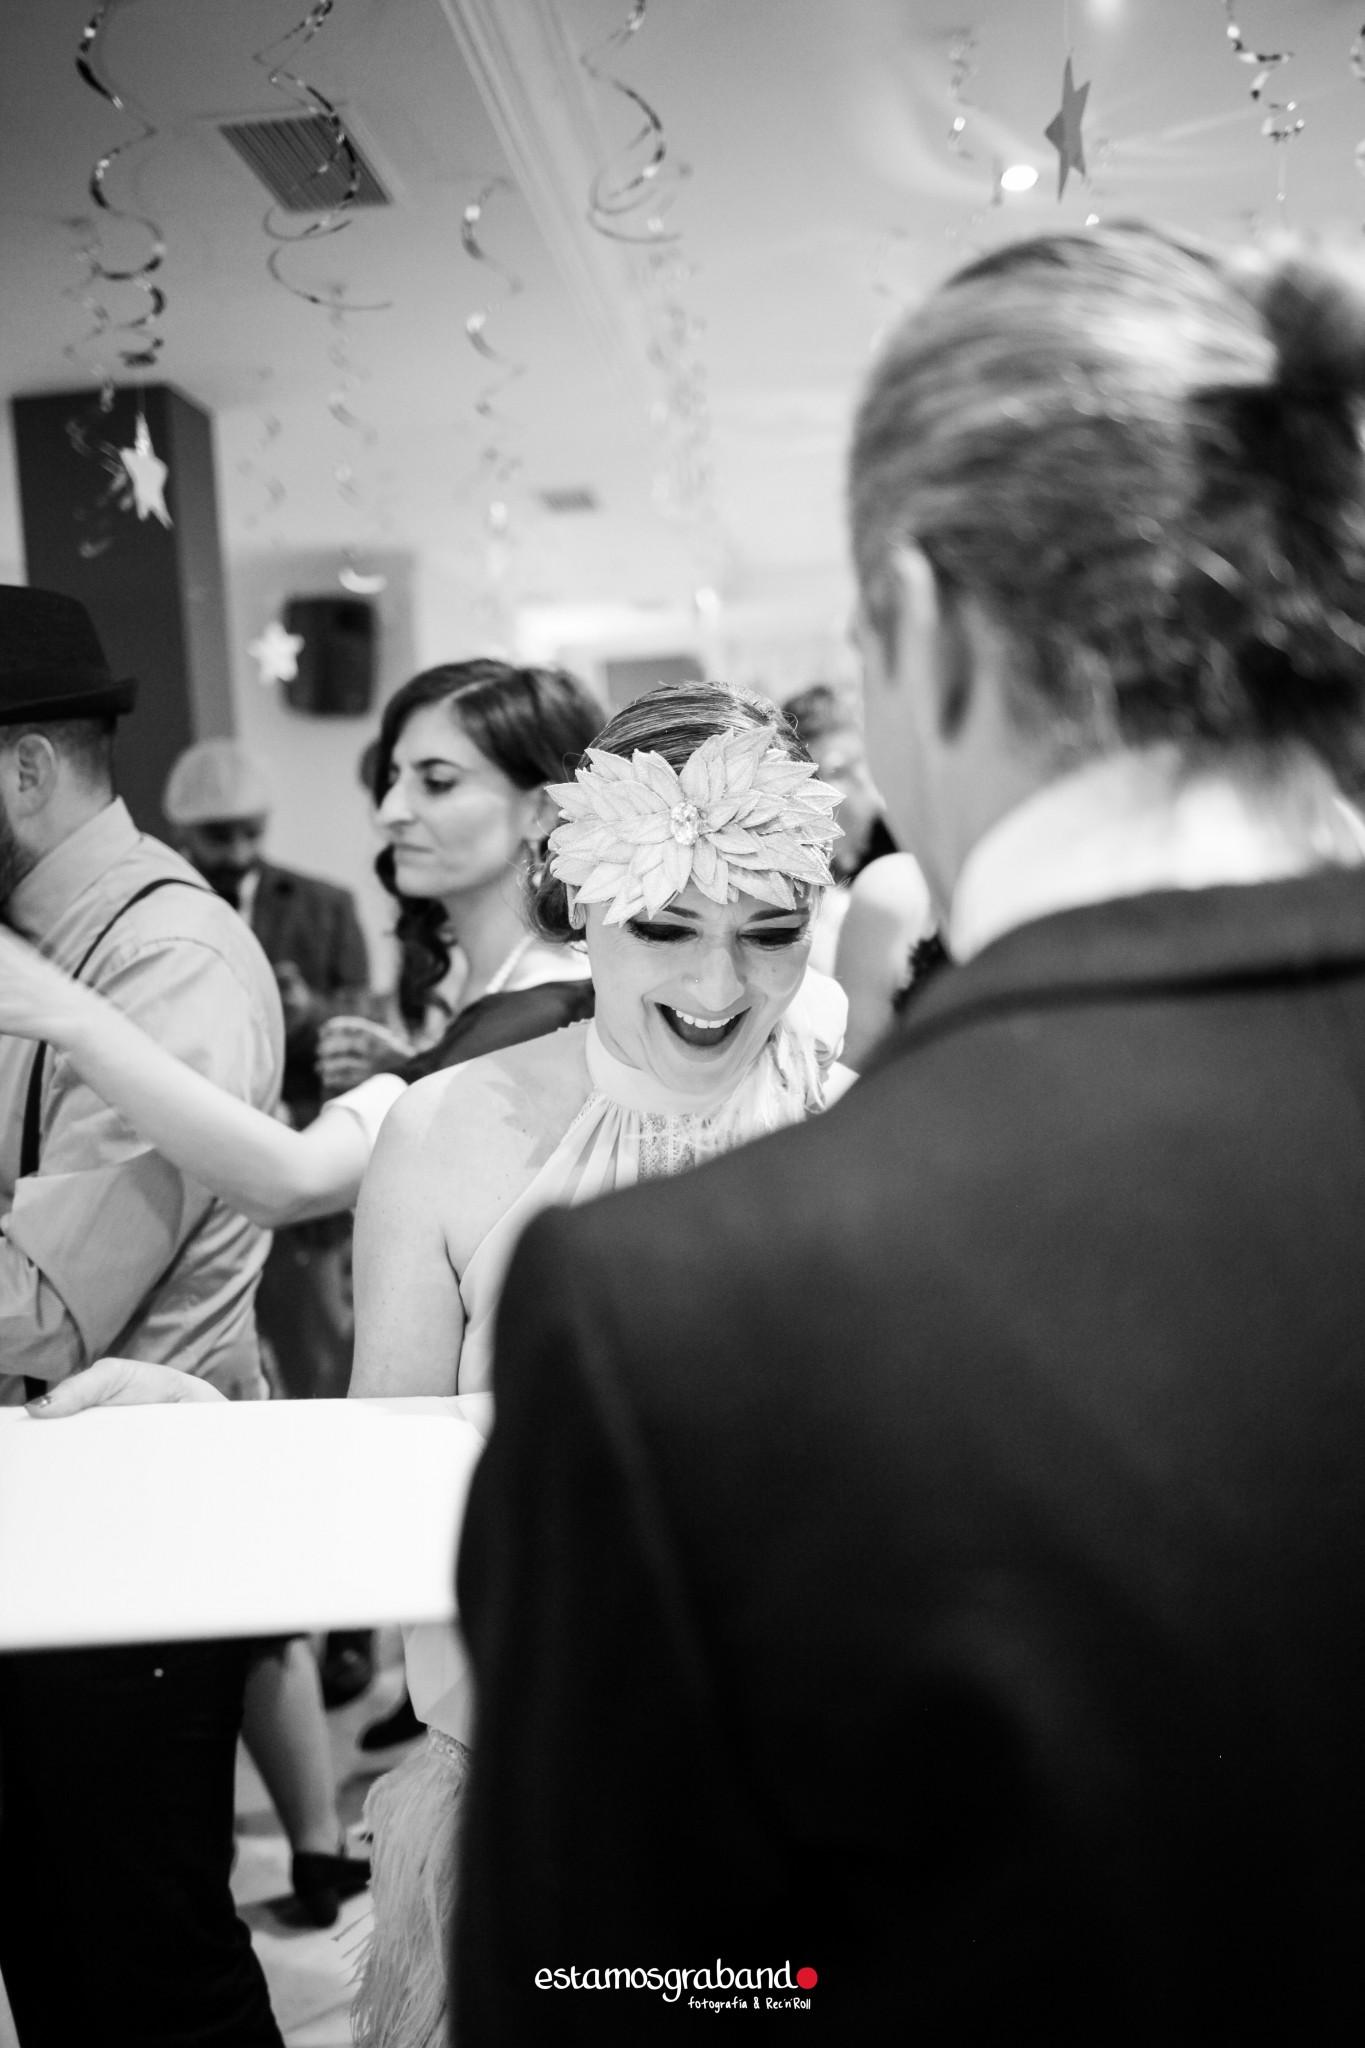 Años-20-BBTP-105-de-109 Los locos Años 20 [Fotografía en La Teta de Julieta, Cádiz] - video boda cadiz